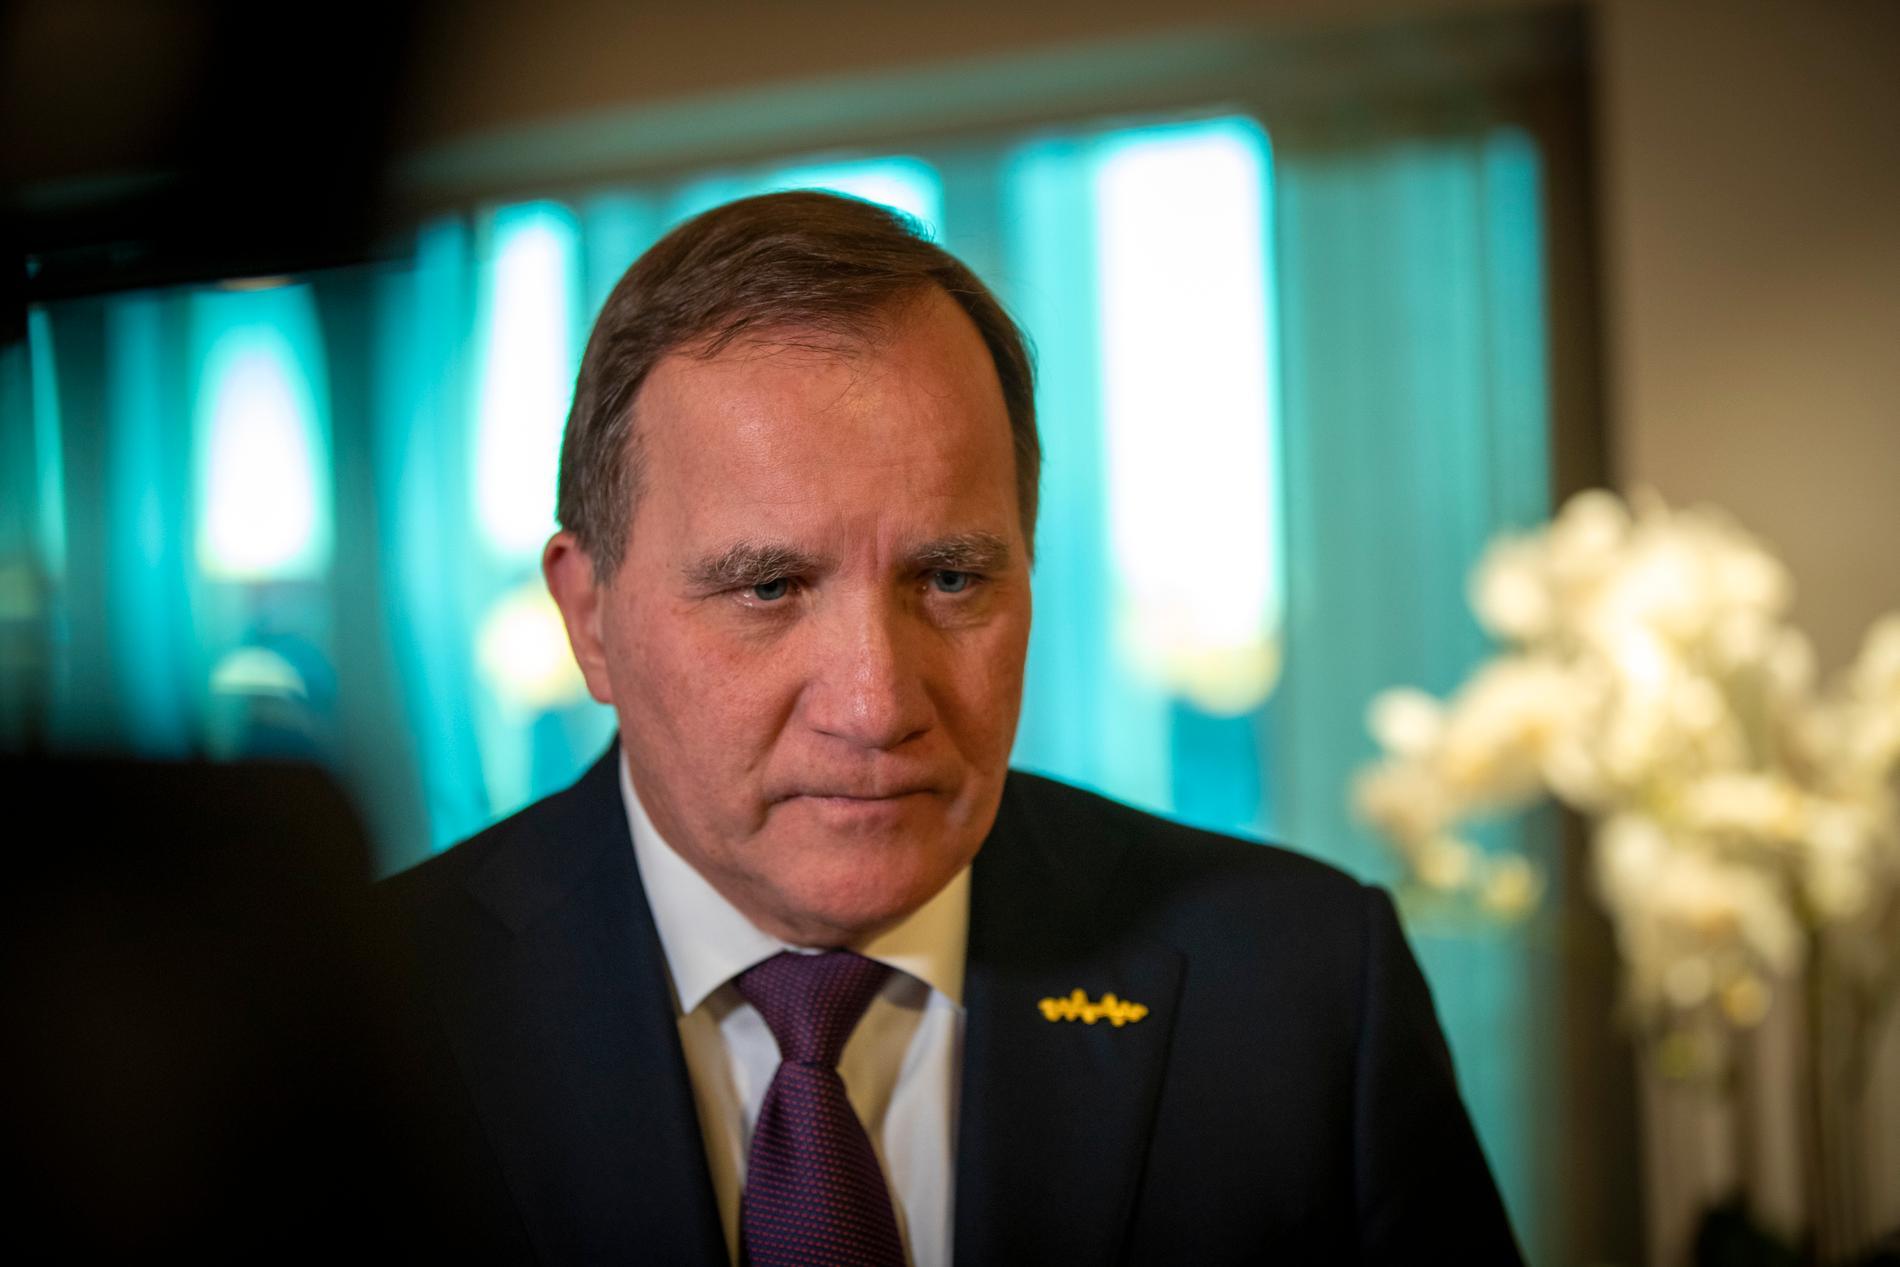 Statsminister Stefan Löfven har bjudit in internationella toppolitiker till Malmö för att diskutera hur antisemitismen ska bekämpas.